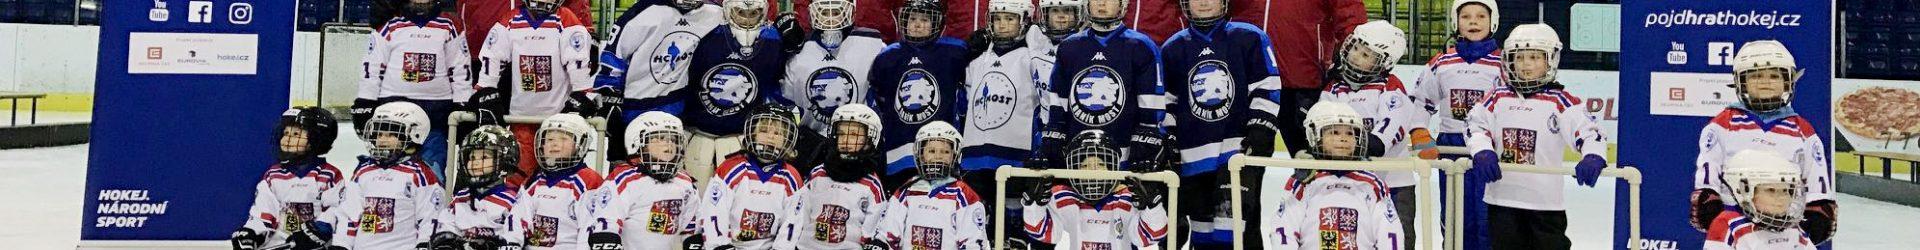 Týden hokeje 19. 9. 2017